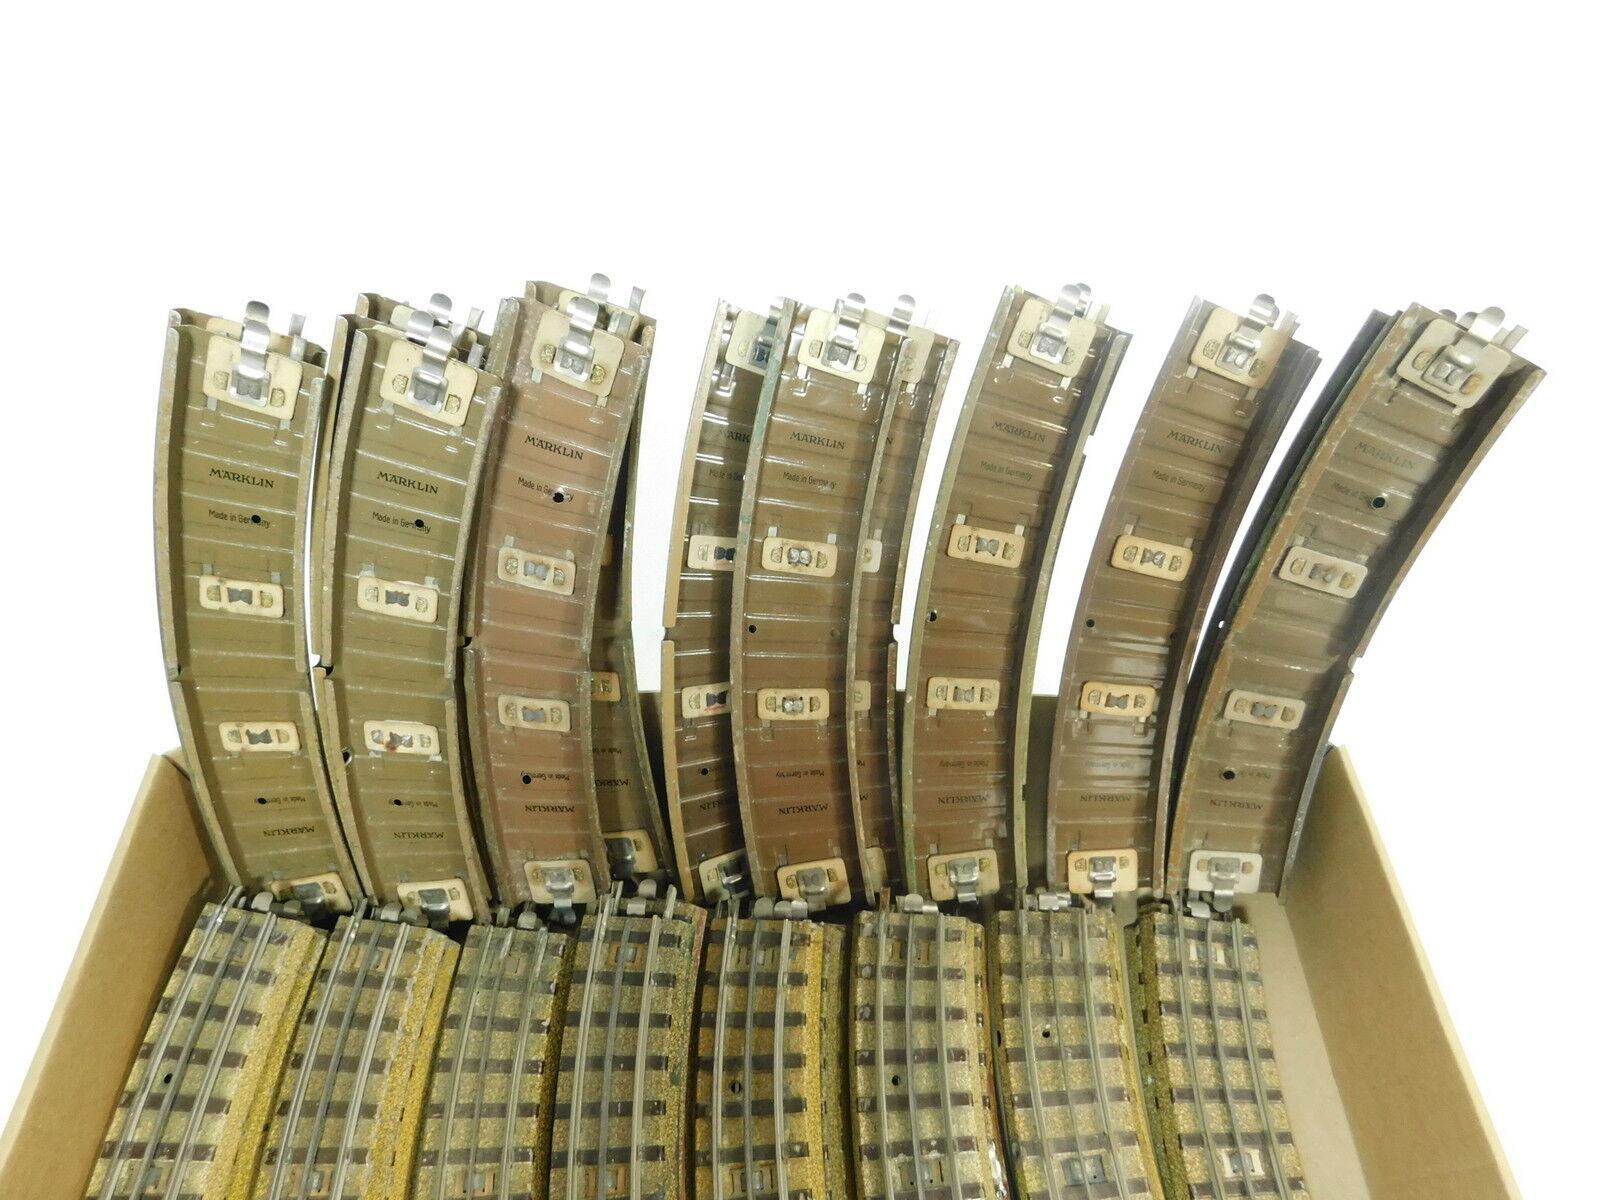 BB897-4 57x marklin H0  00  AC M M M Pista per 3600 800 Vorkrieg, Hobbista 2 Scelta cd6ac7